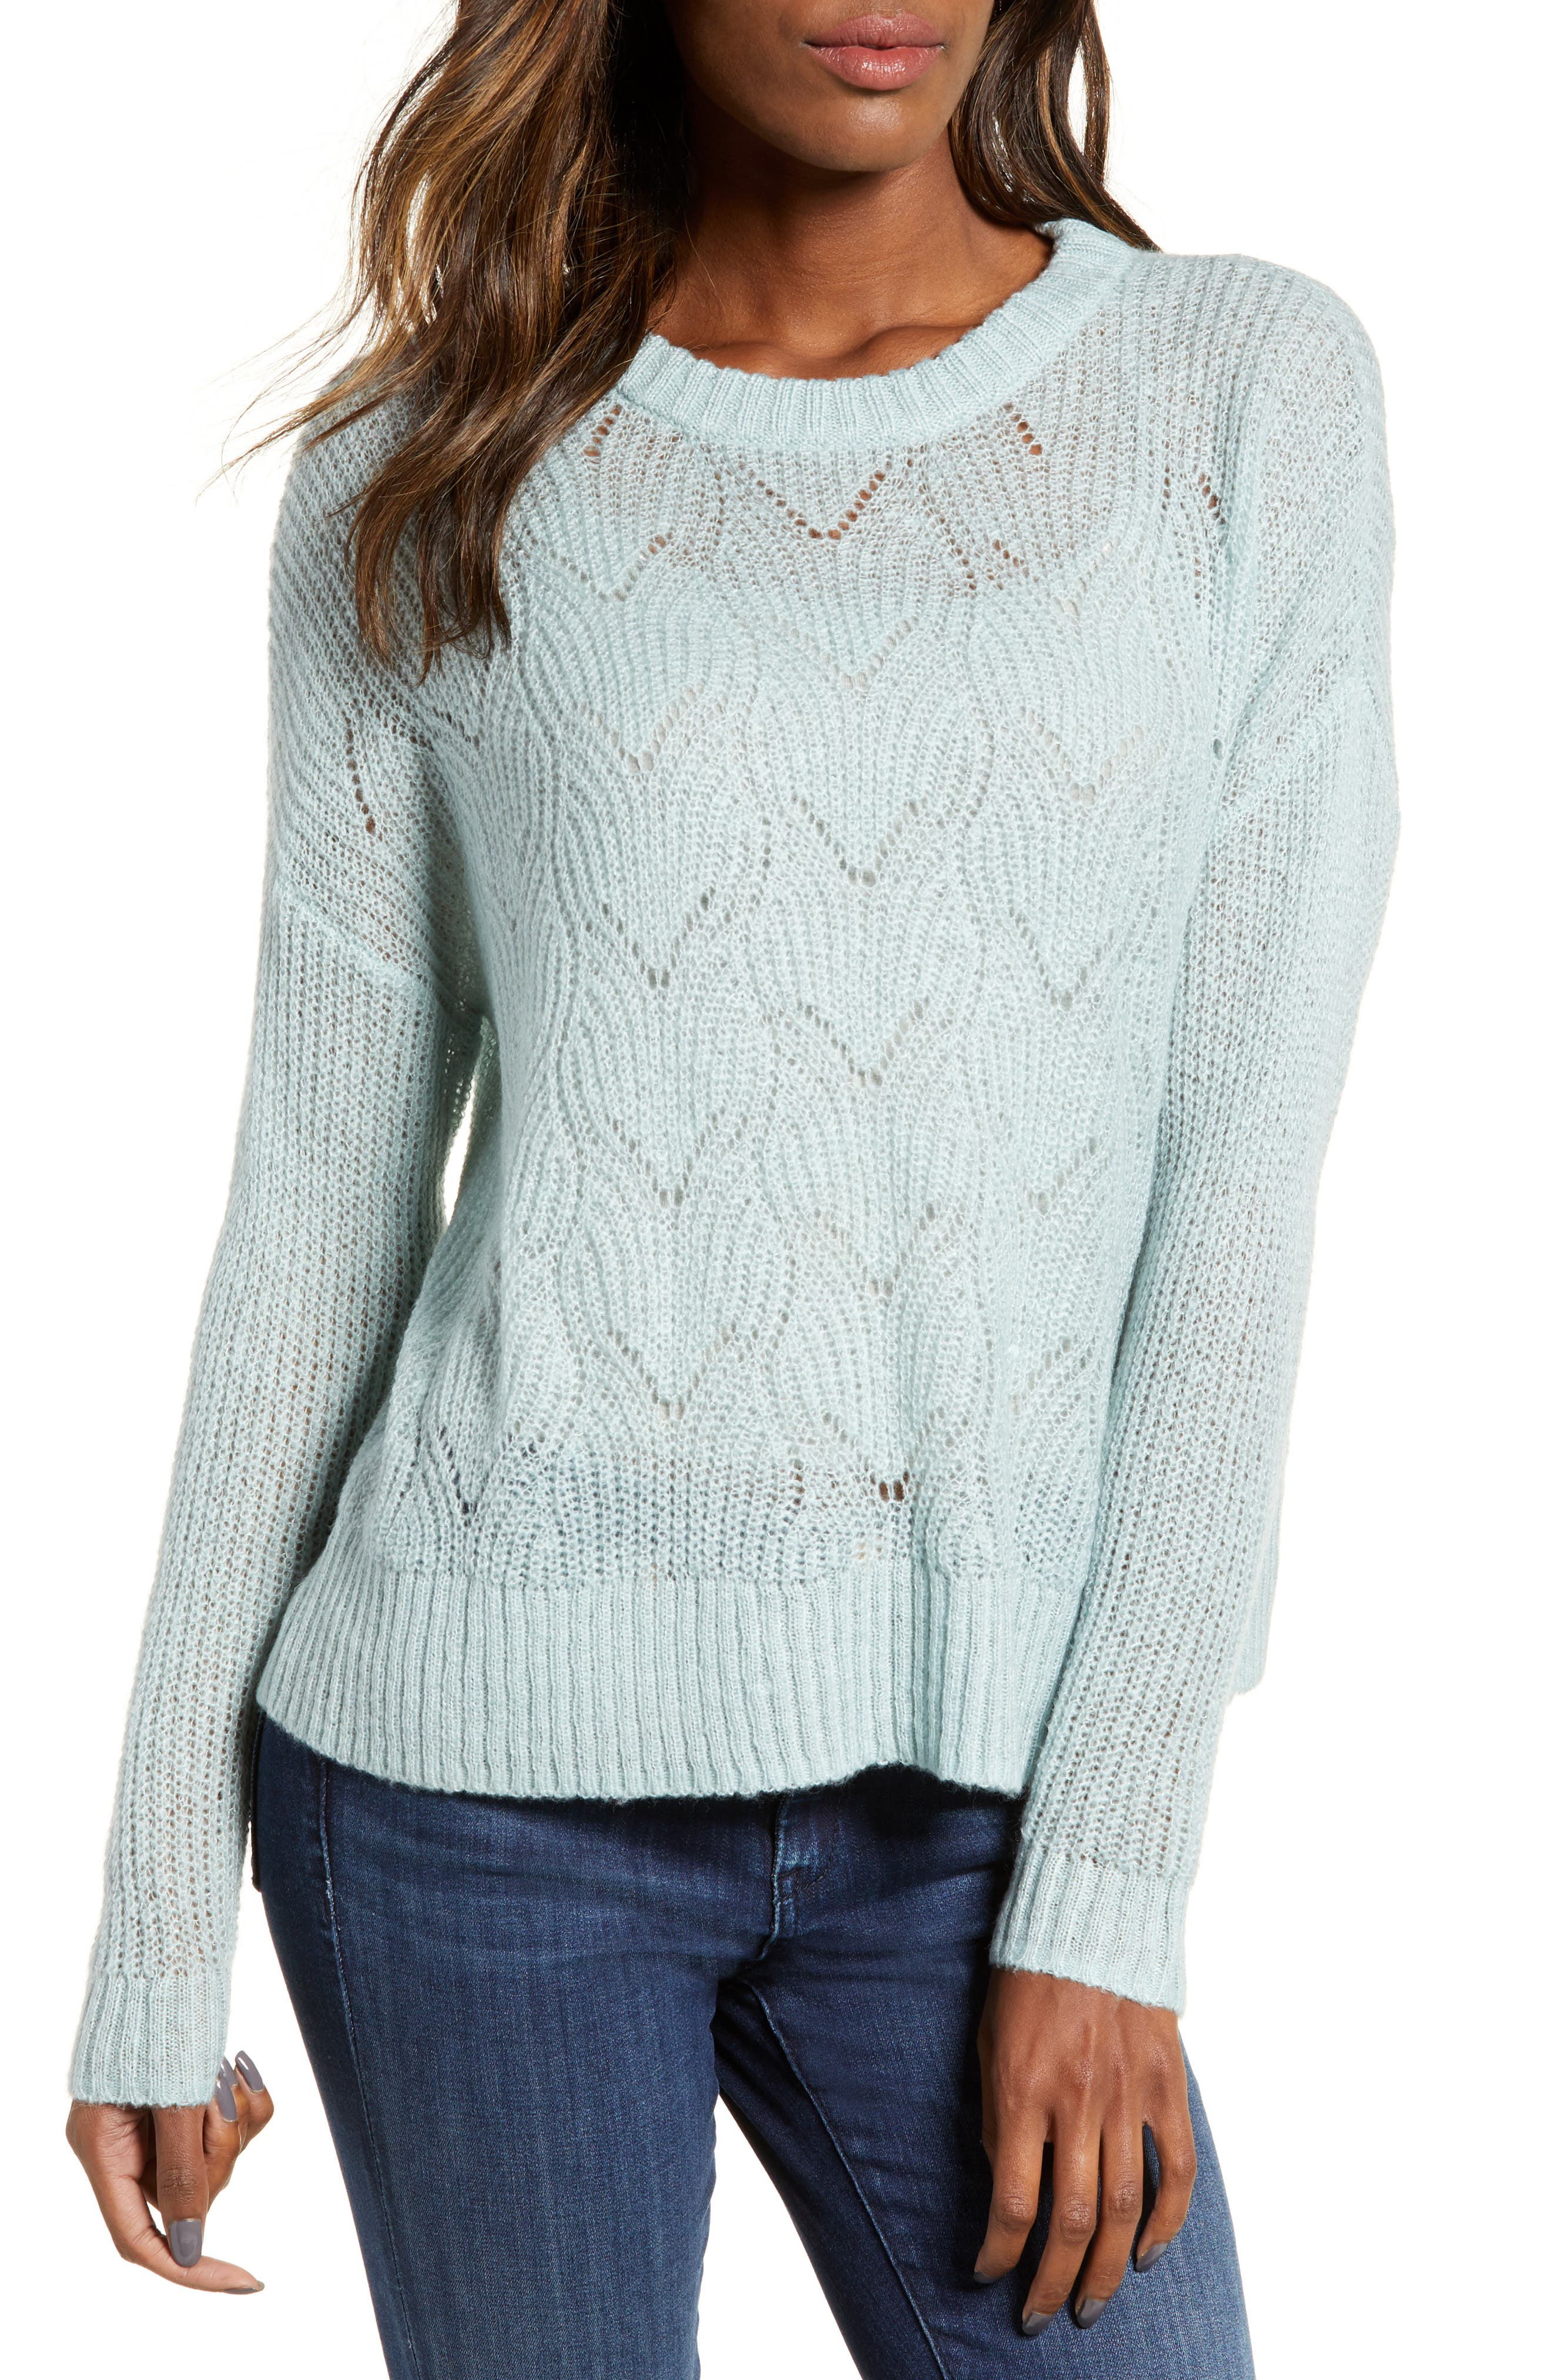 BP., Pointelle Stitch Sweater, Main thumbnail 1, color, BLUE CLOUD